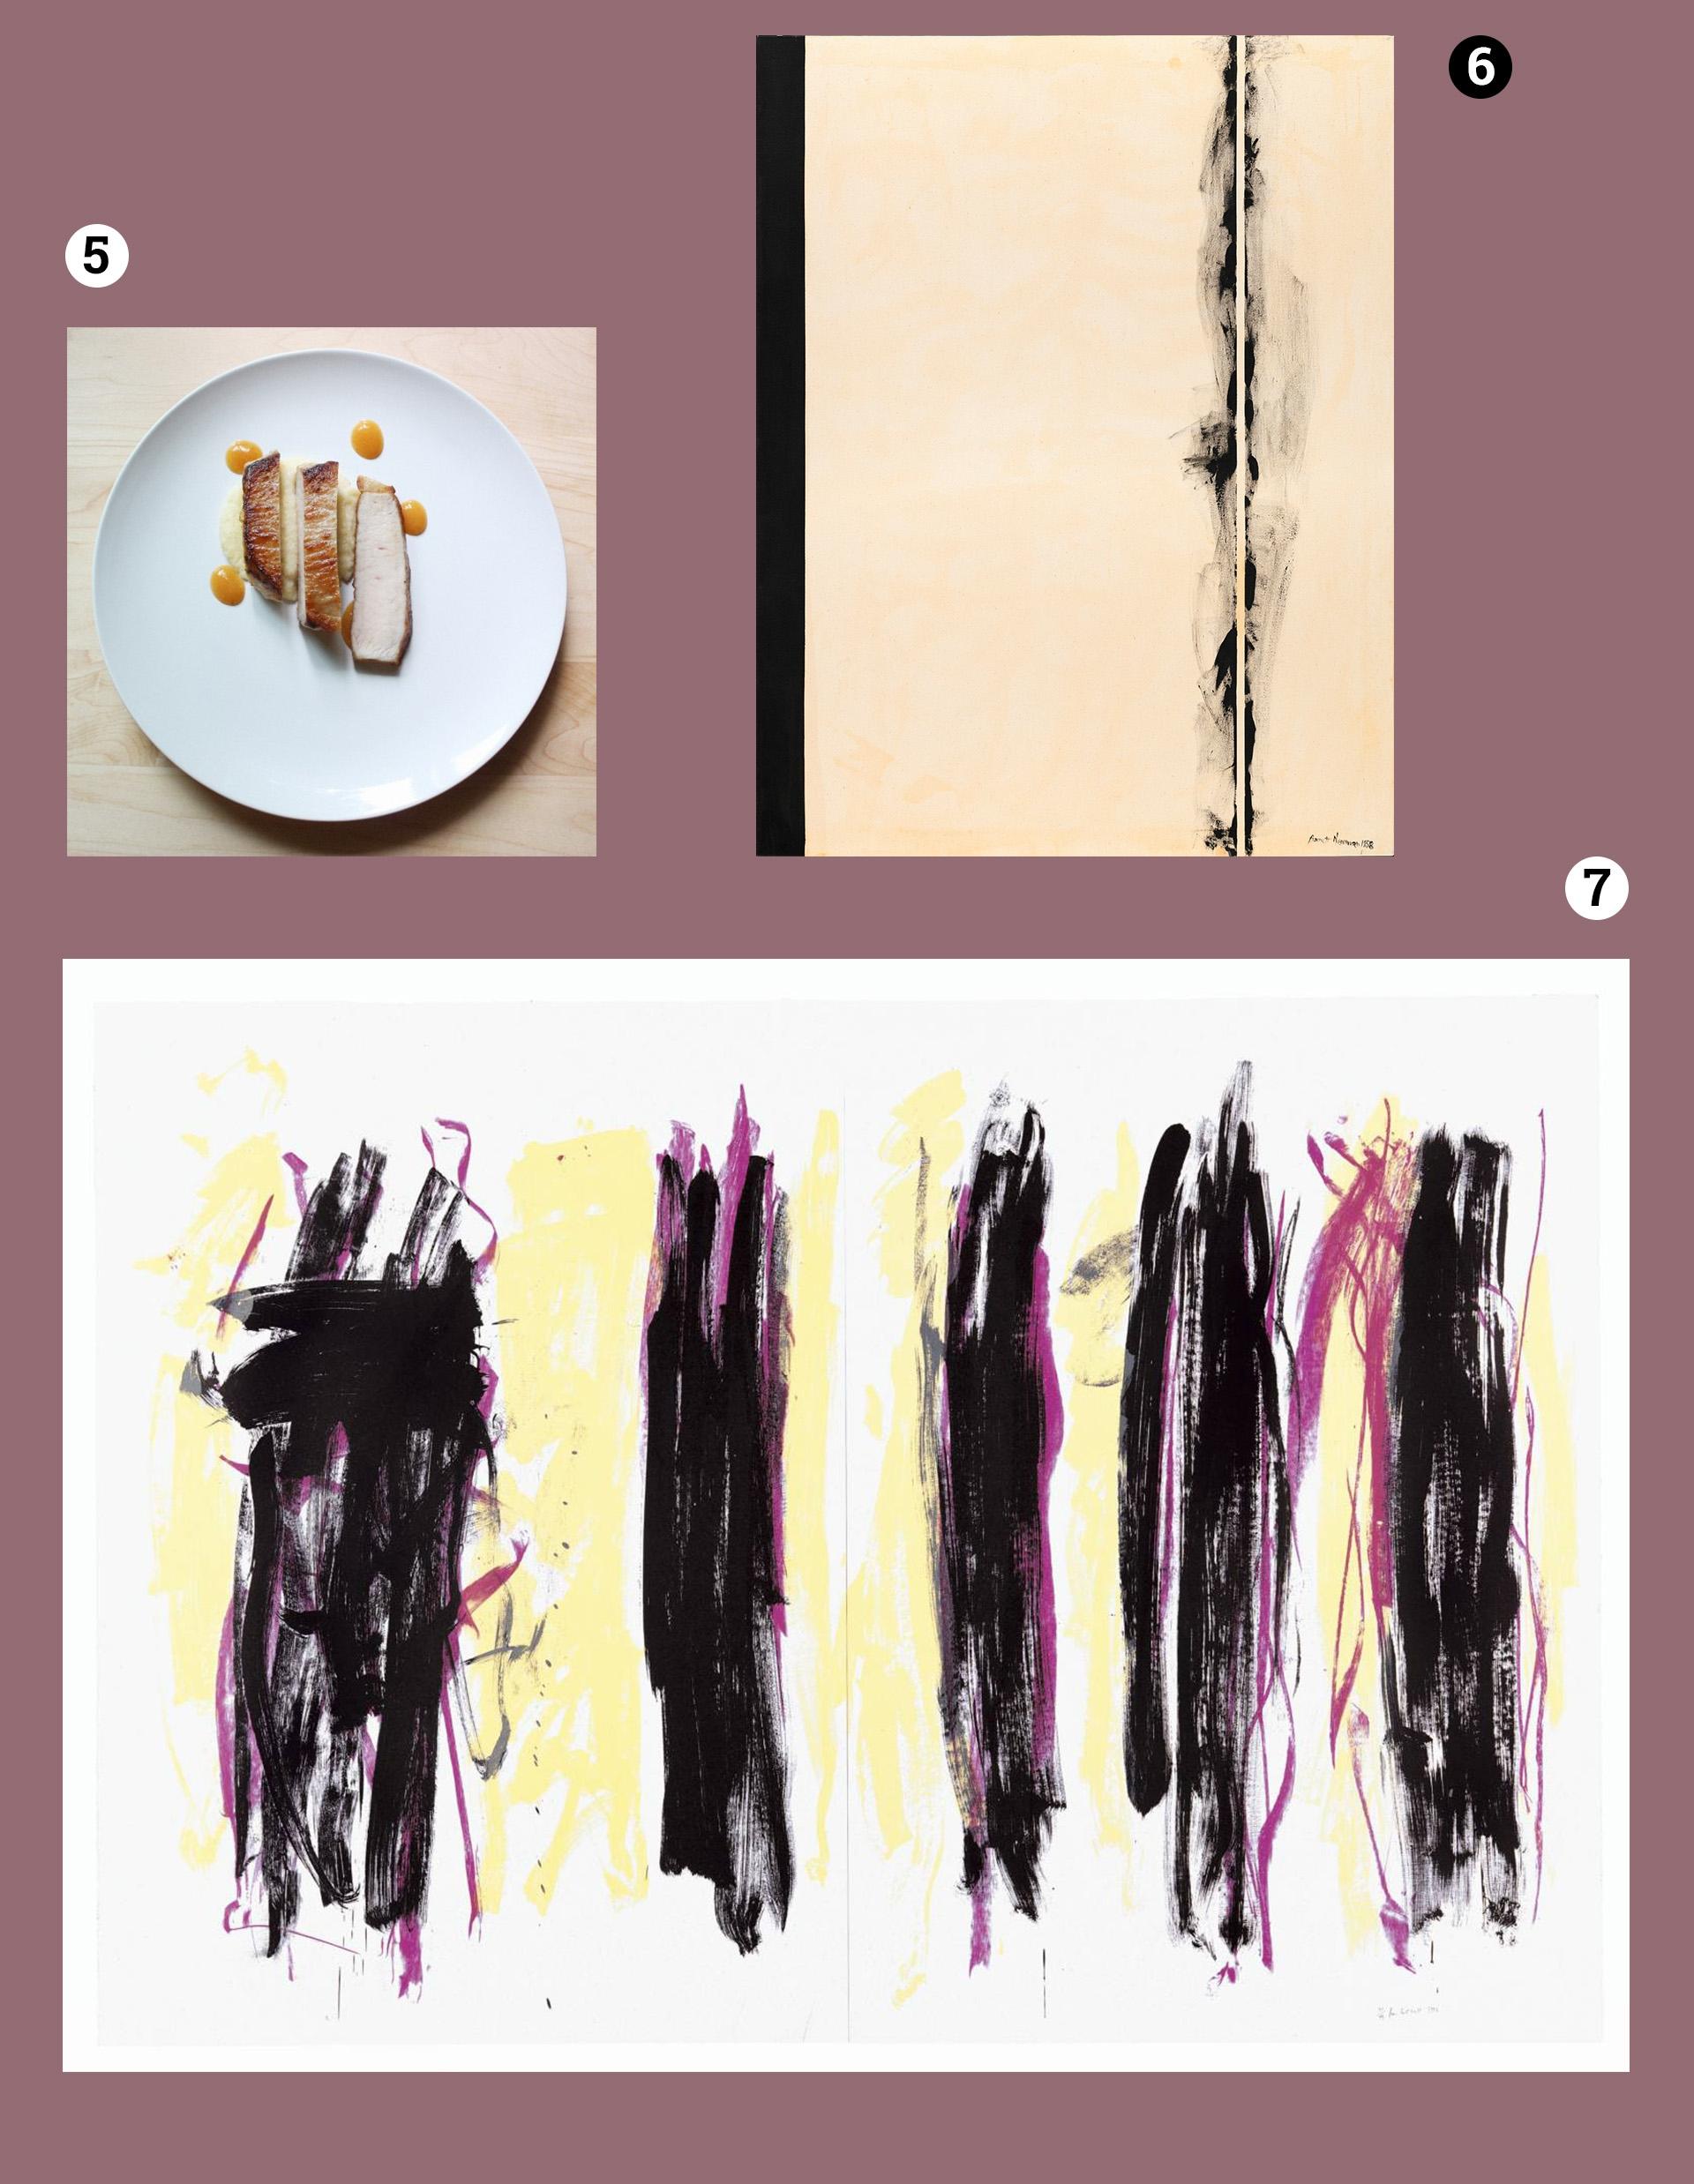 Obraz przedstawia trzy fotografie na fioletowym tle. Widzimy talerz z daniem oraz obrazy znanych artystów.